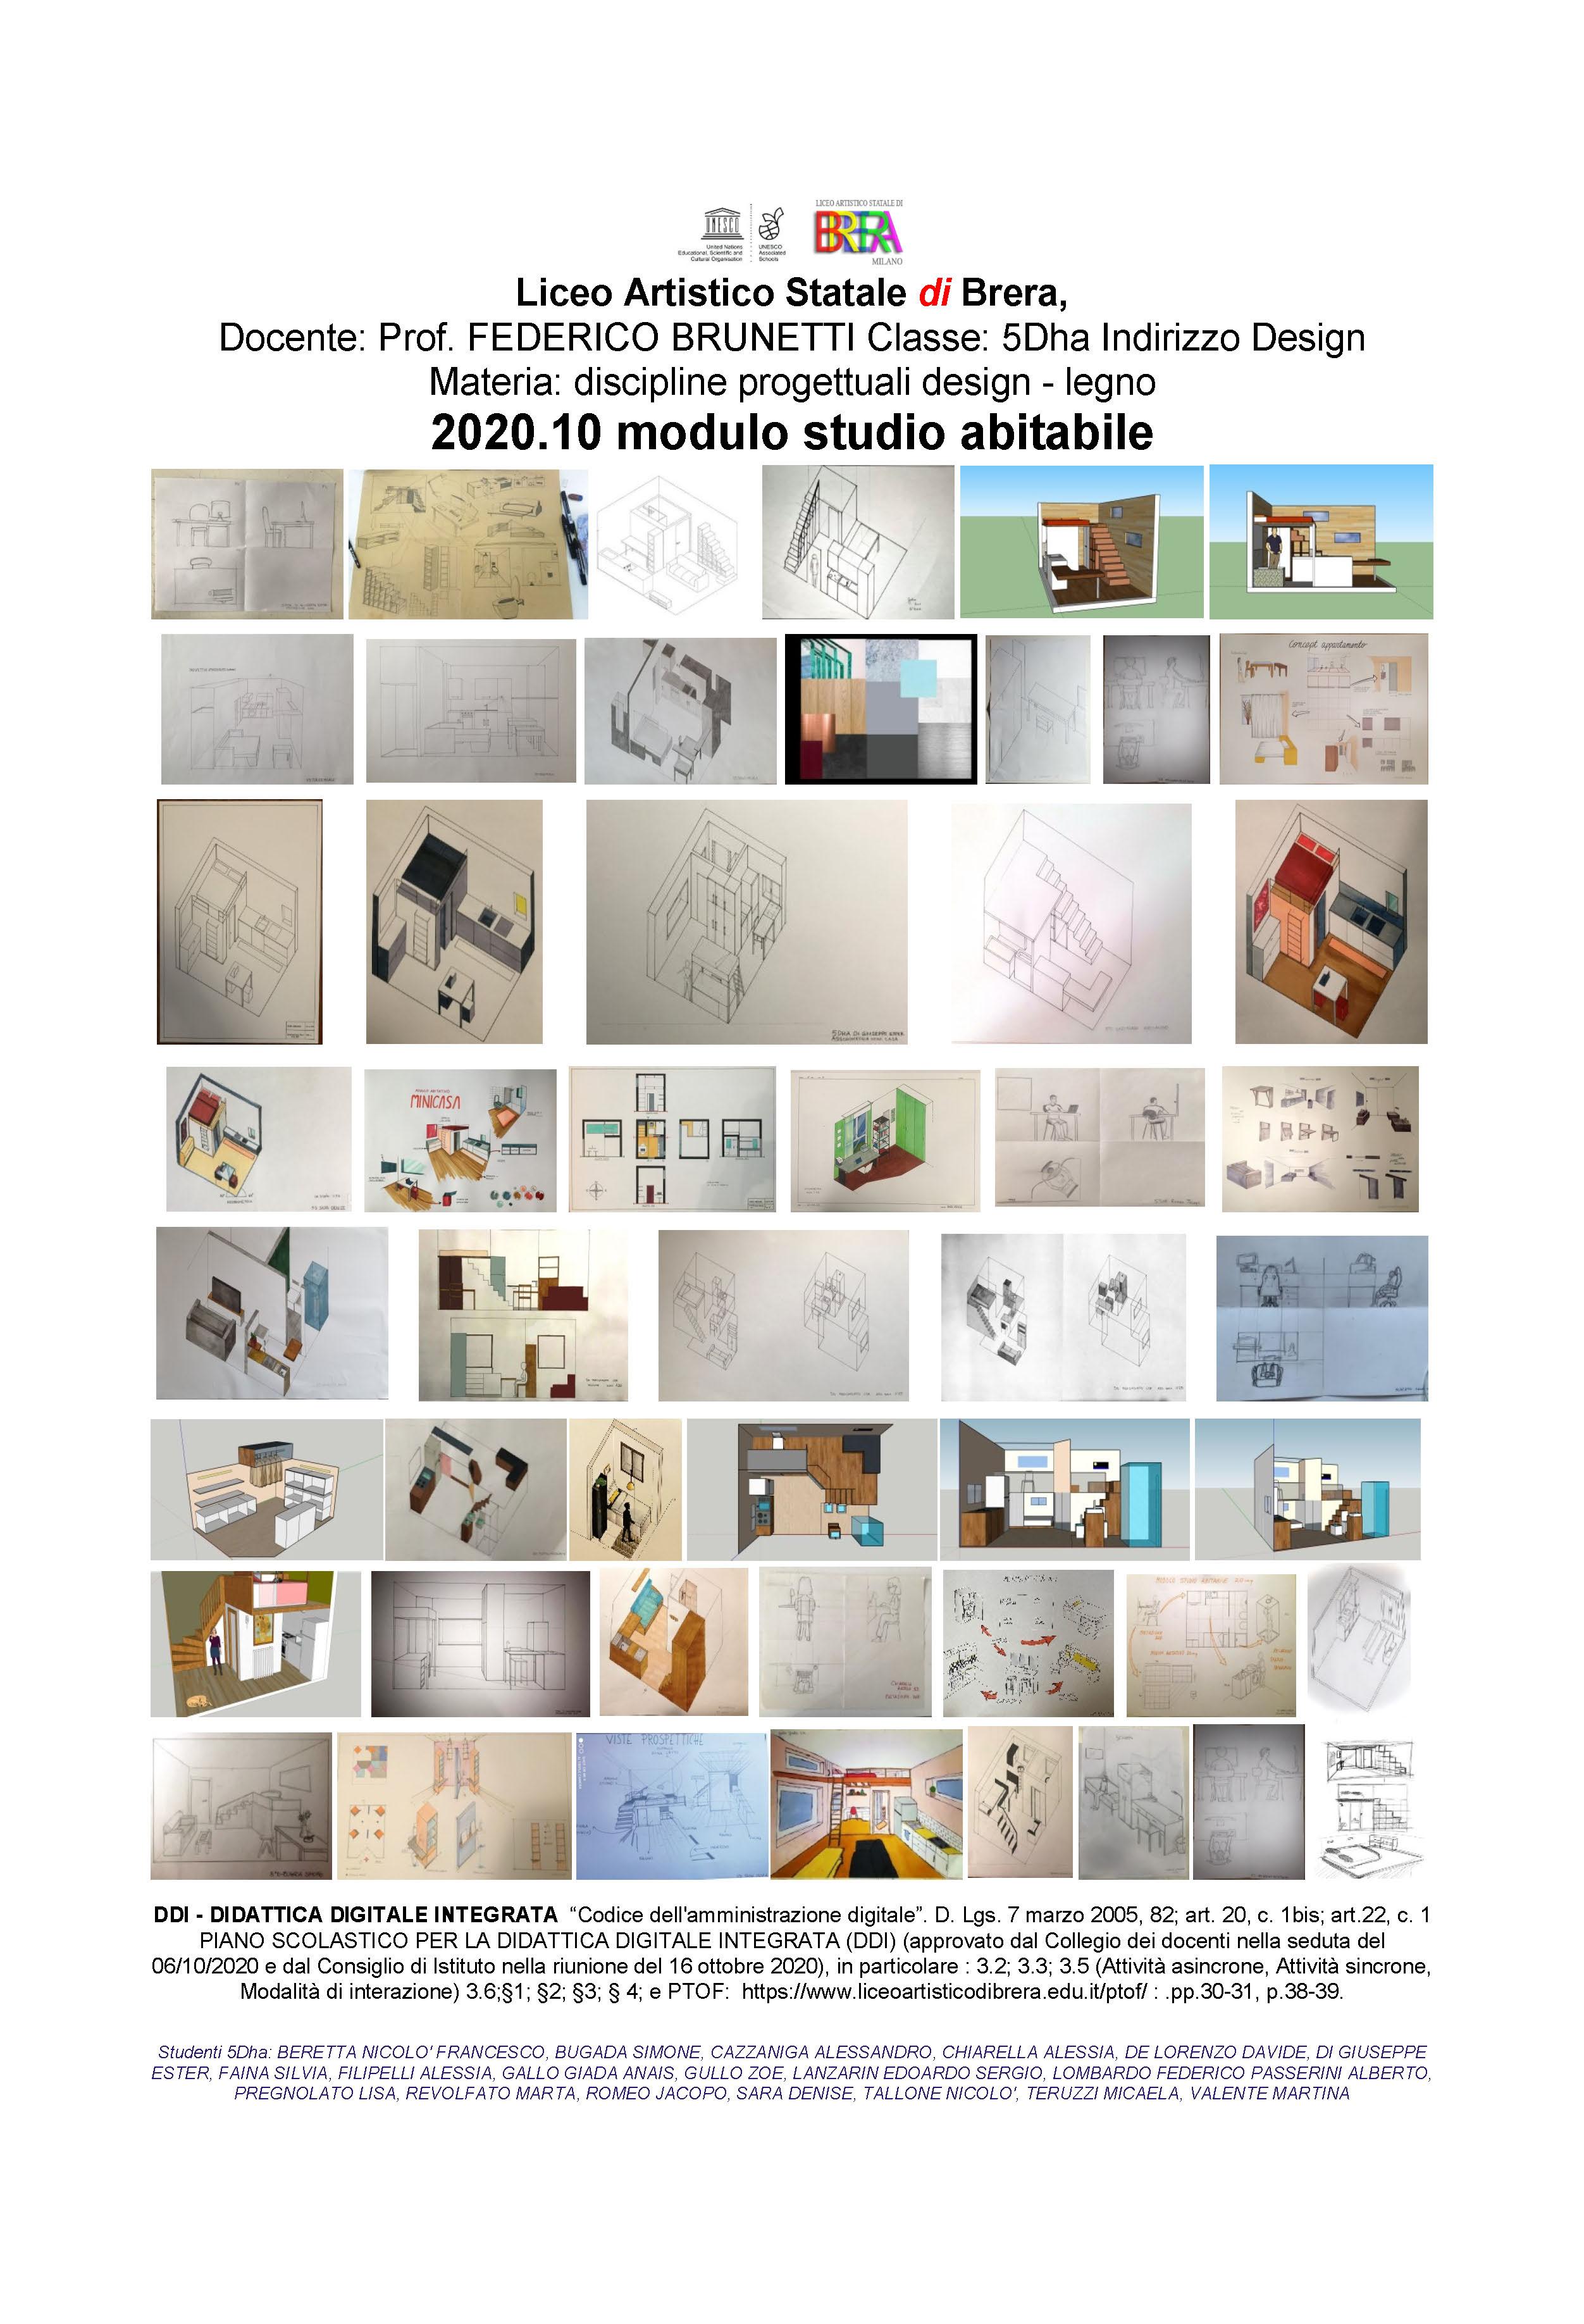 5Dha-Design-Prog.-prof-Federico-Brunetti-2020.10-POSTER-rev-2020.12.07-ok